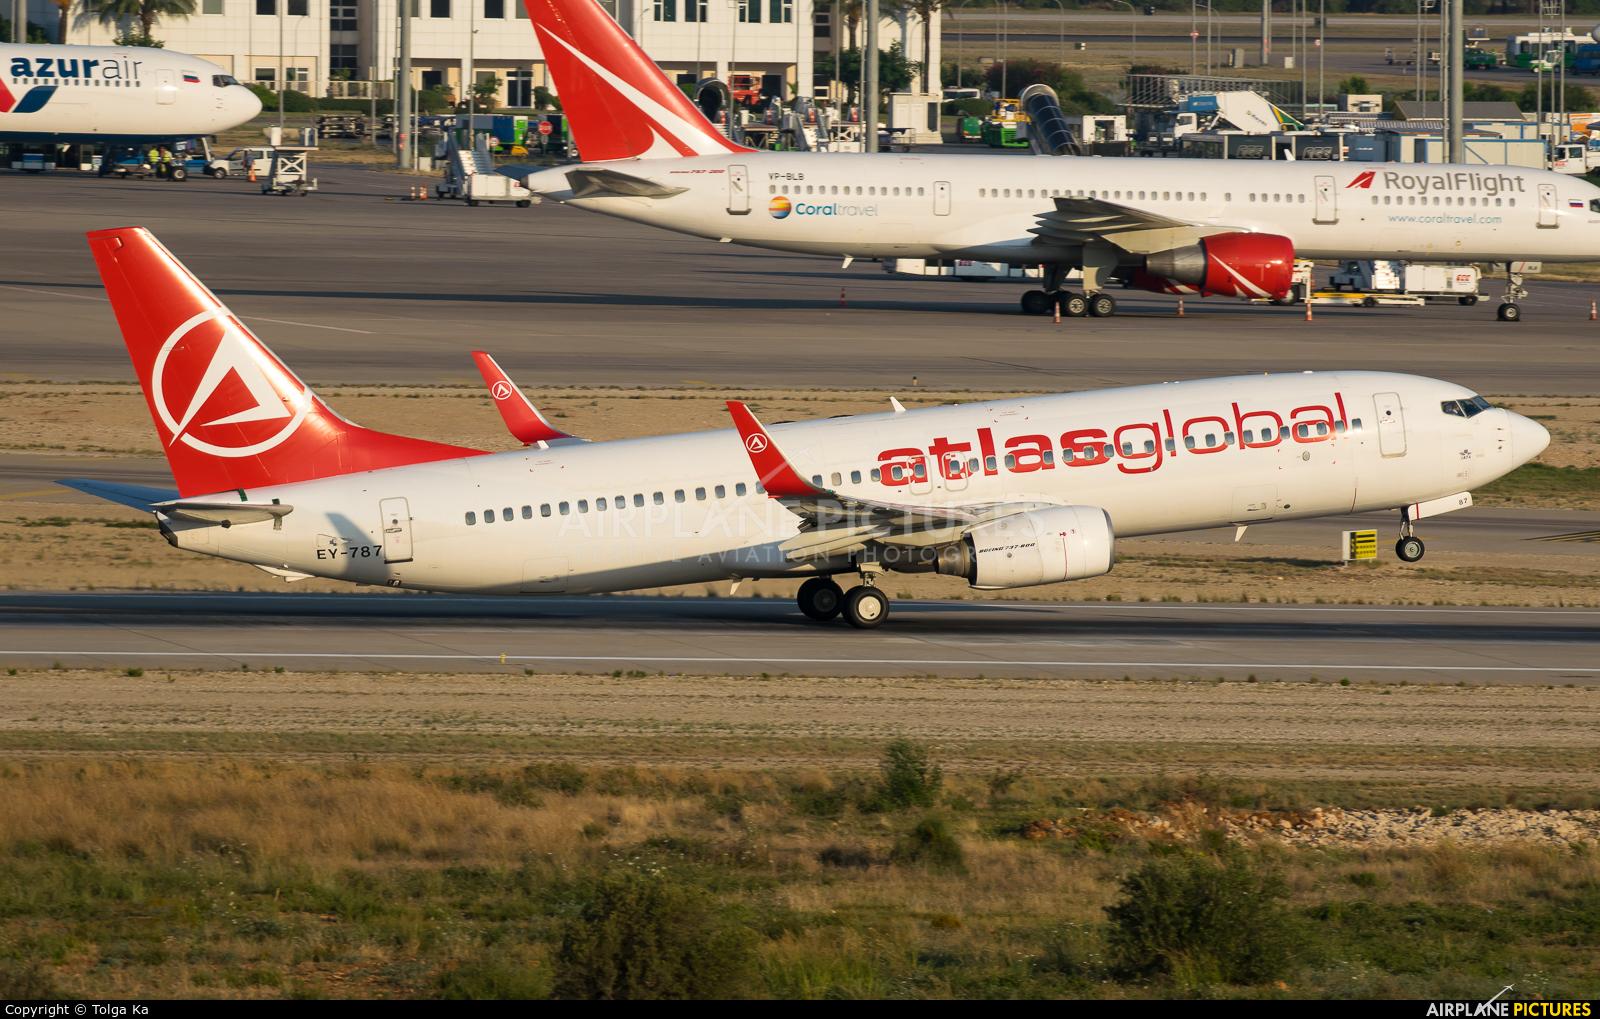 Atlasglobal EY-787 aircraft at Antalya